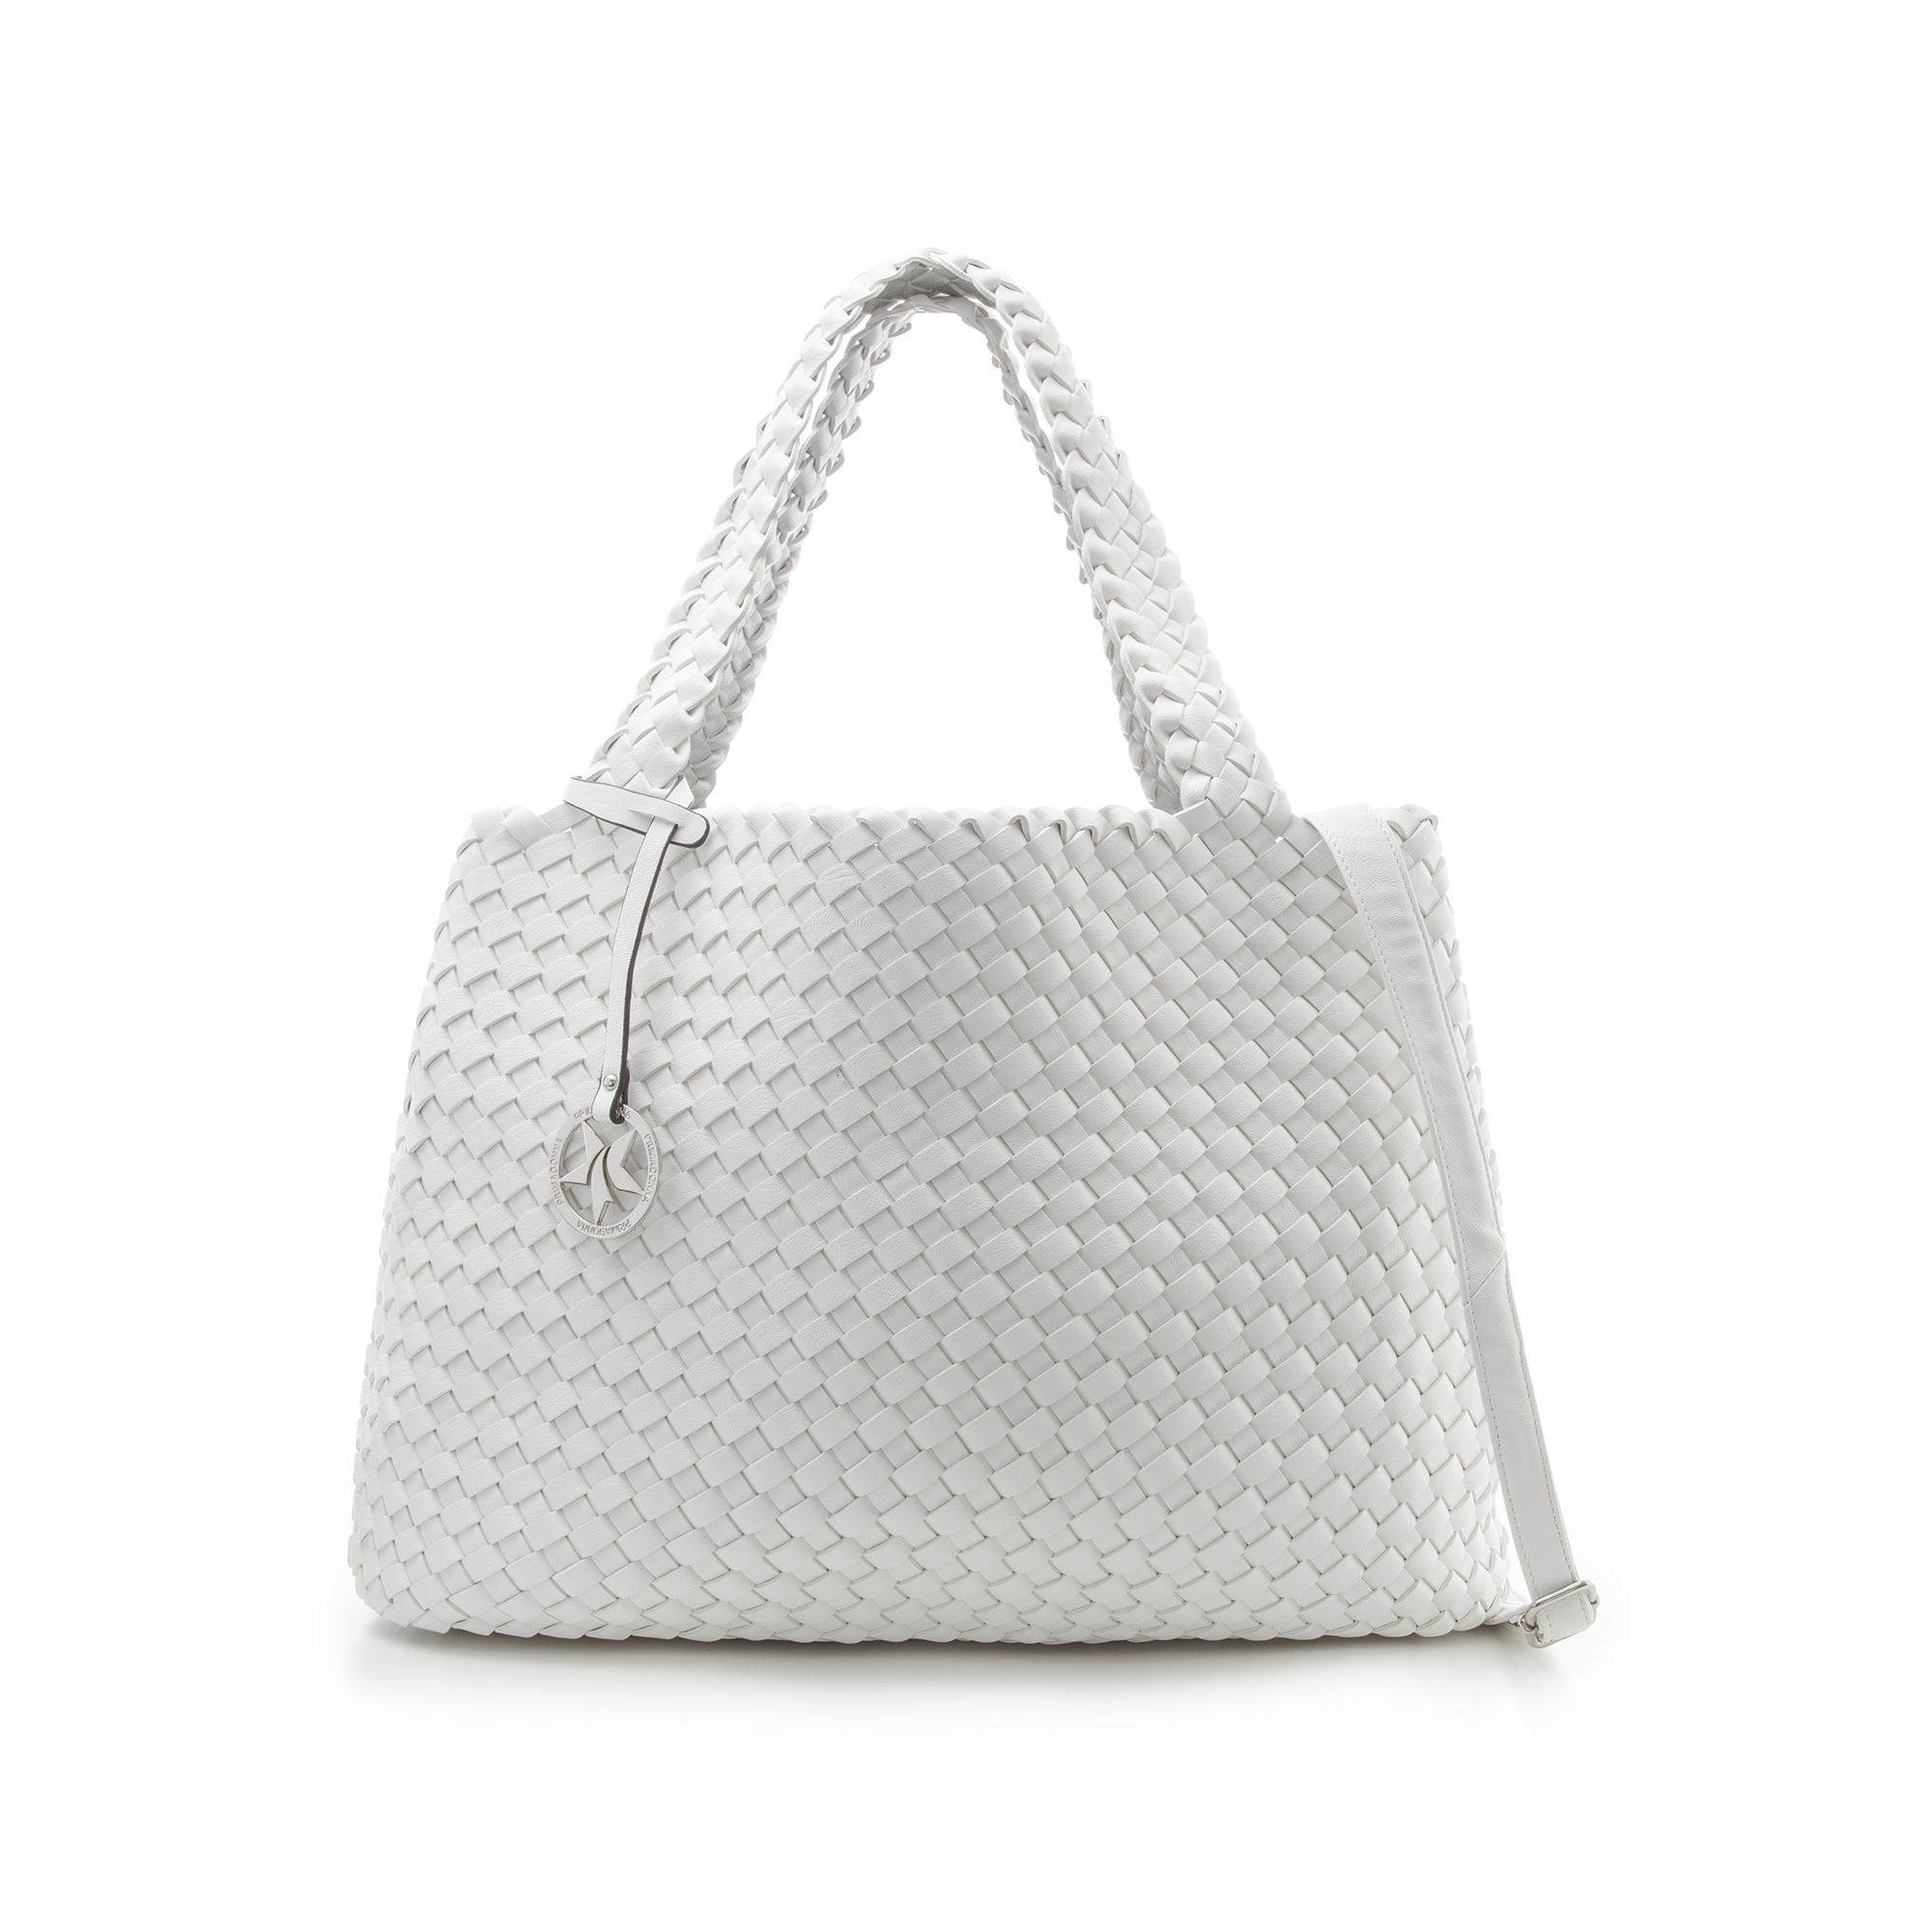 d86e0f0318 7 Maxi-bag bianca in eco-pelle intrecciata